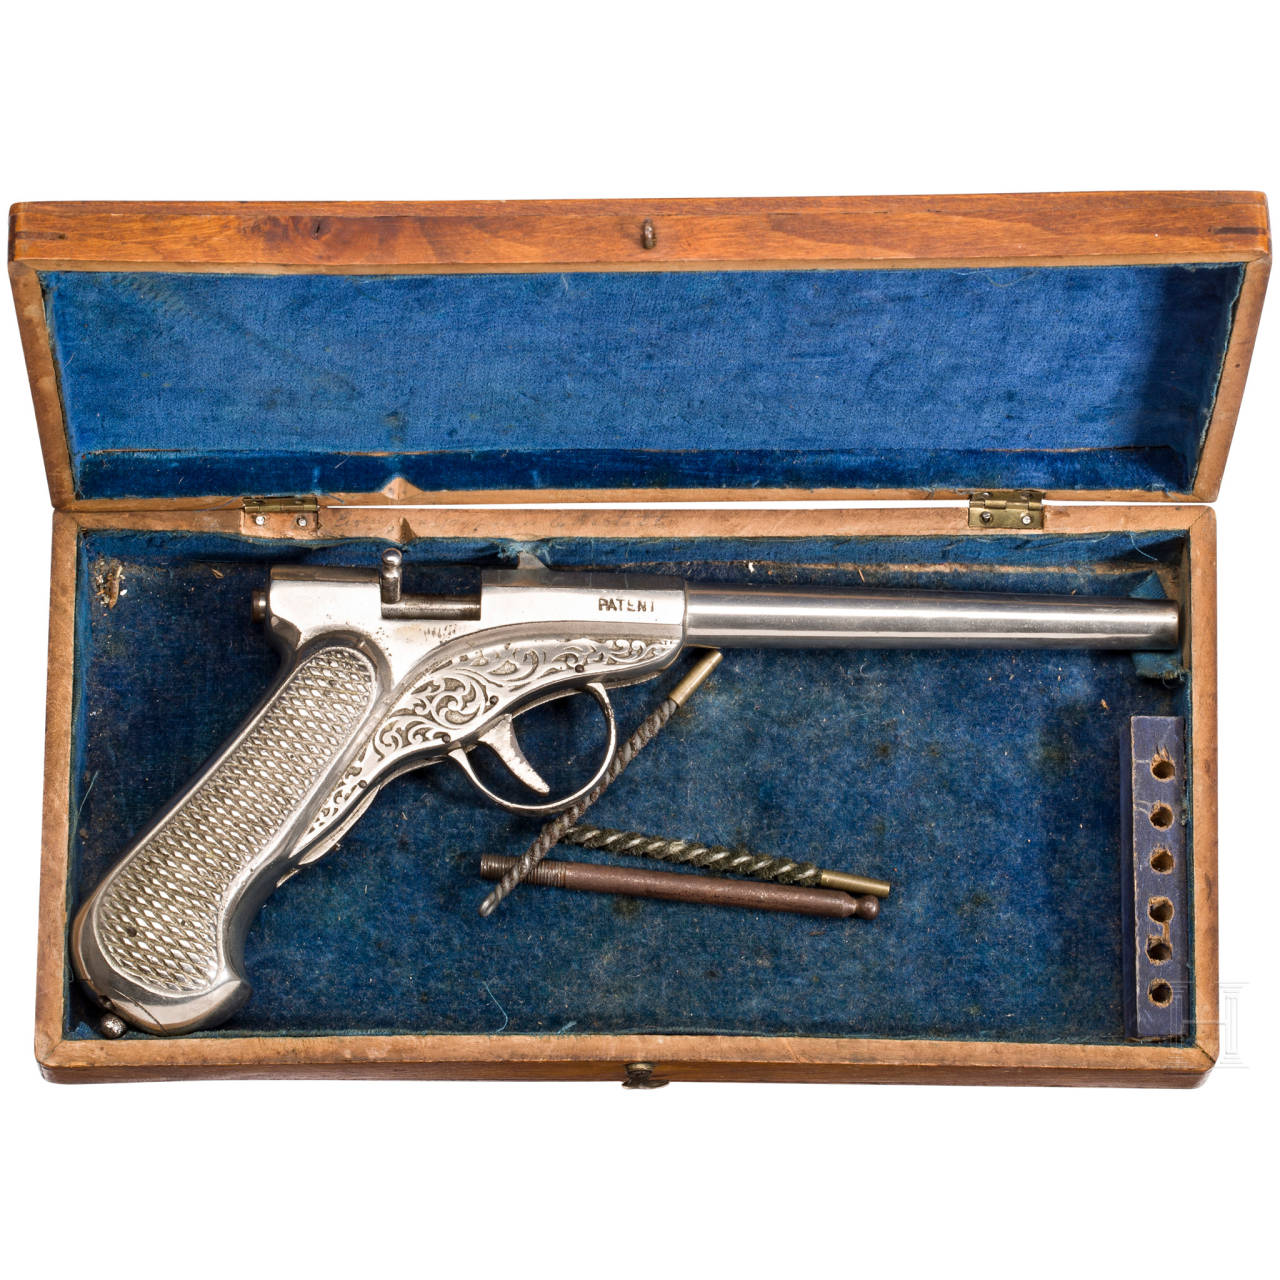 A cased Flürscheim air pistol, German, ca. 1880